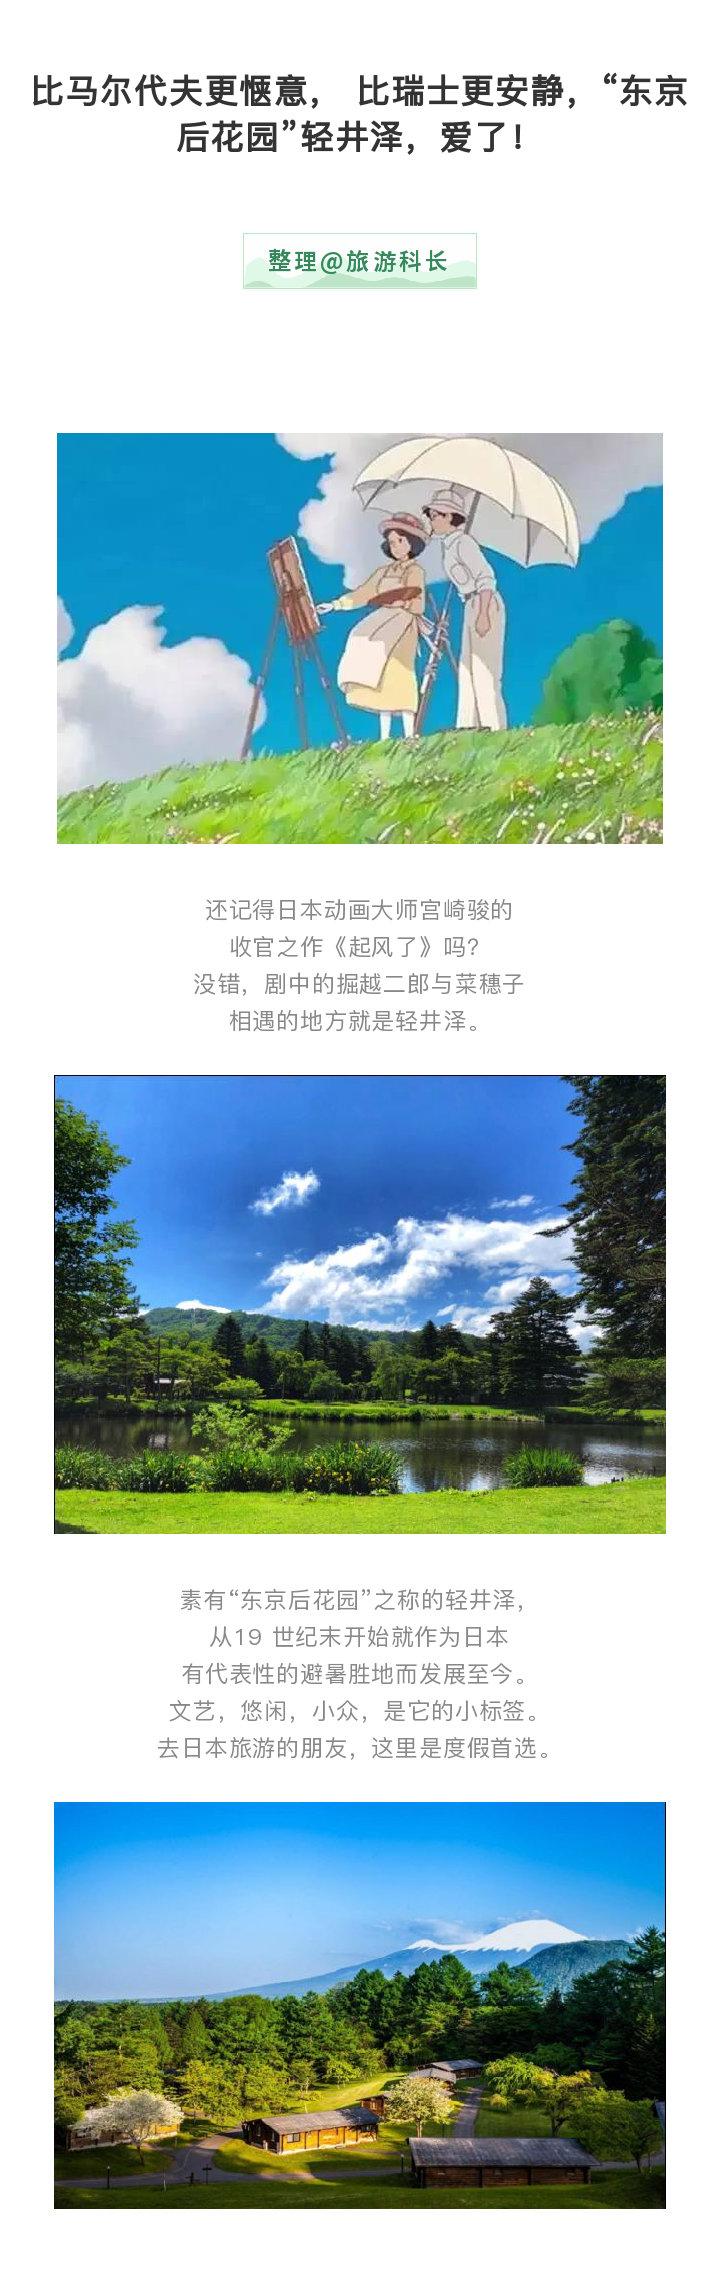 """比马尔代夫更惬意, 比瑞士更安静,""""东京后花园""""轻井泽,爱了!"""